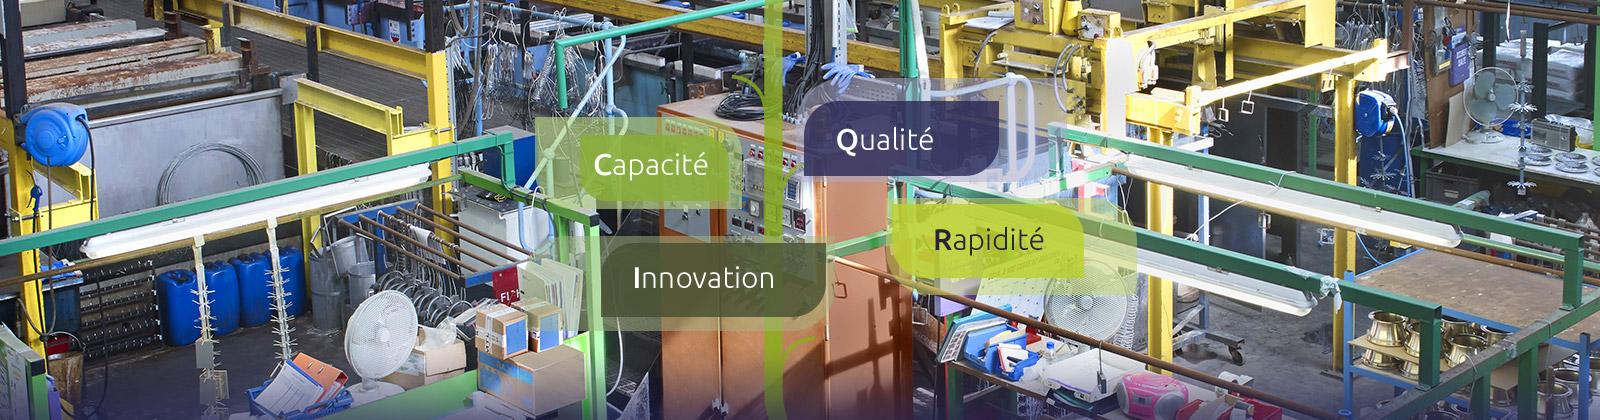 Galvanoplastie industrielle :capacité qualité innovation rapidité